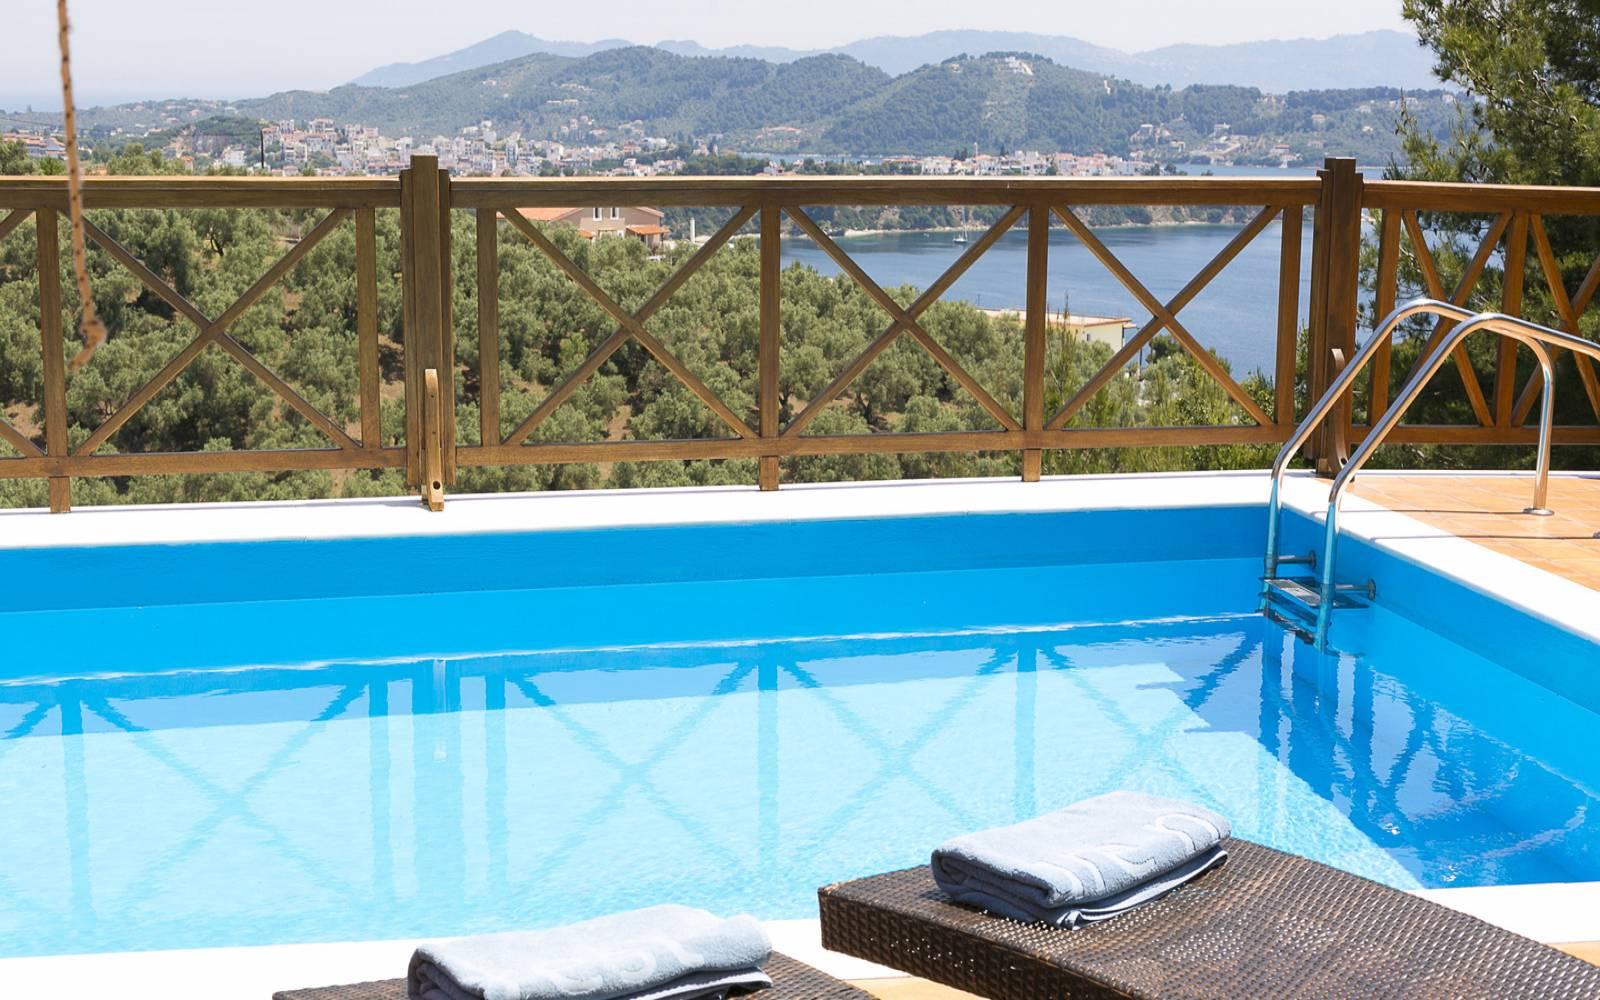 Europa villa, Skiathos Gea Villas, Skiathos, villas, pool, hotels ...